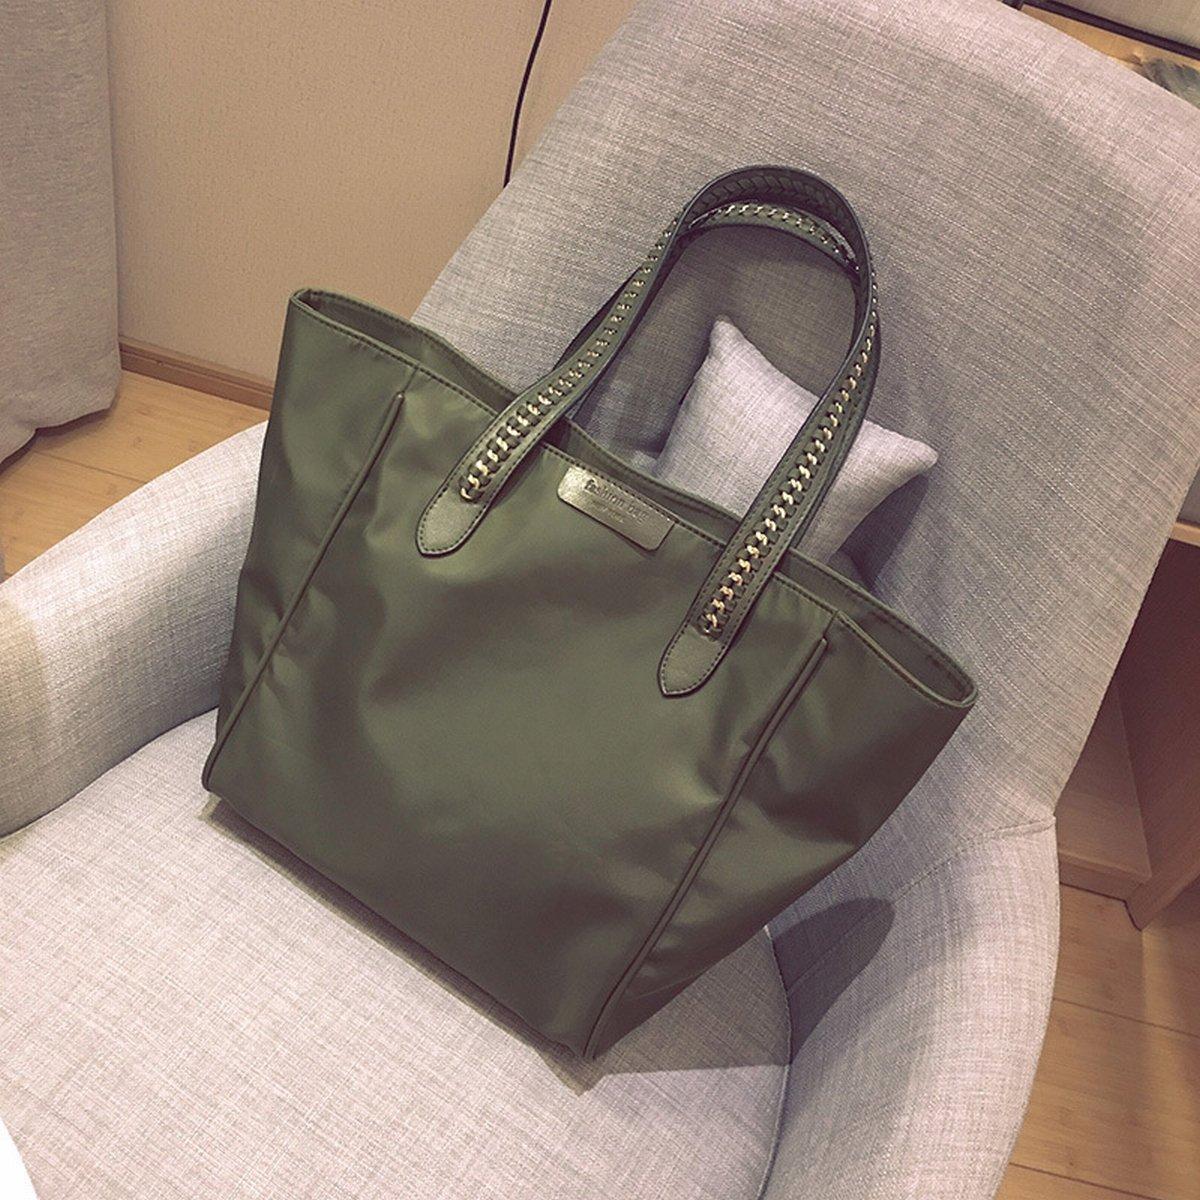 Kette bis fünf Äste von Petit Tasche aus Pappe Einfache Schnalle Umhängetasche Messenger Bag